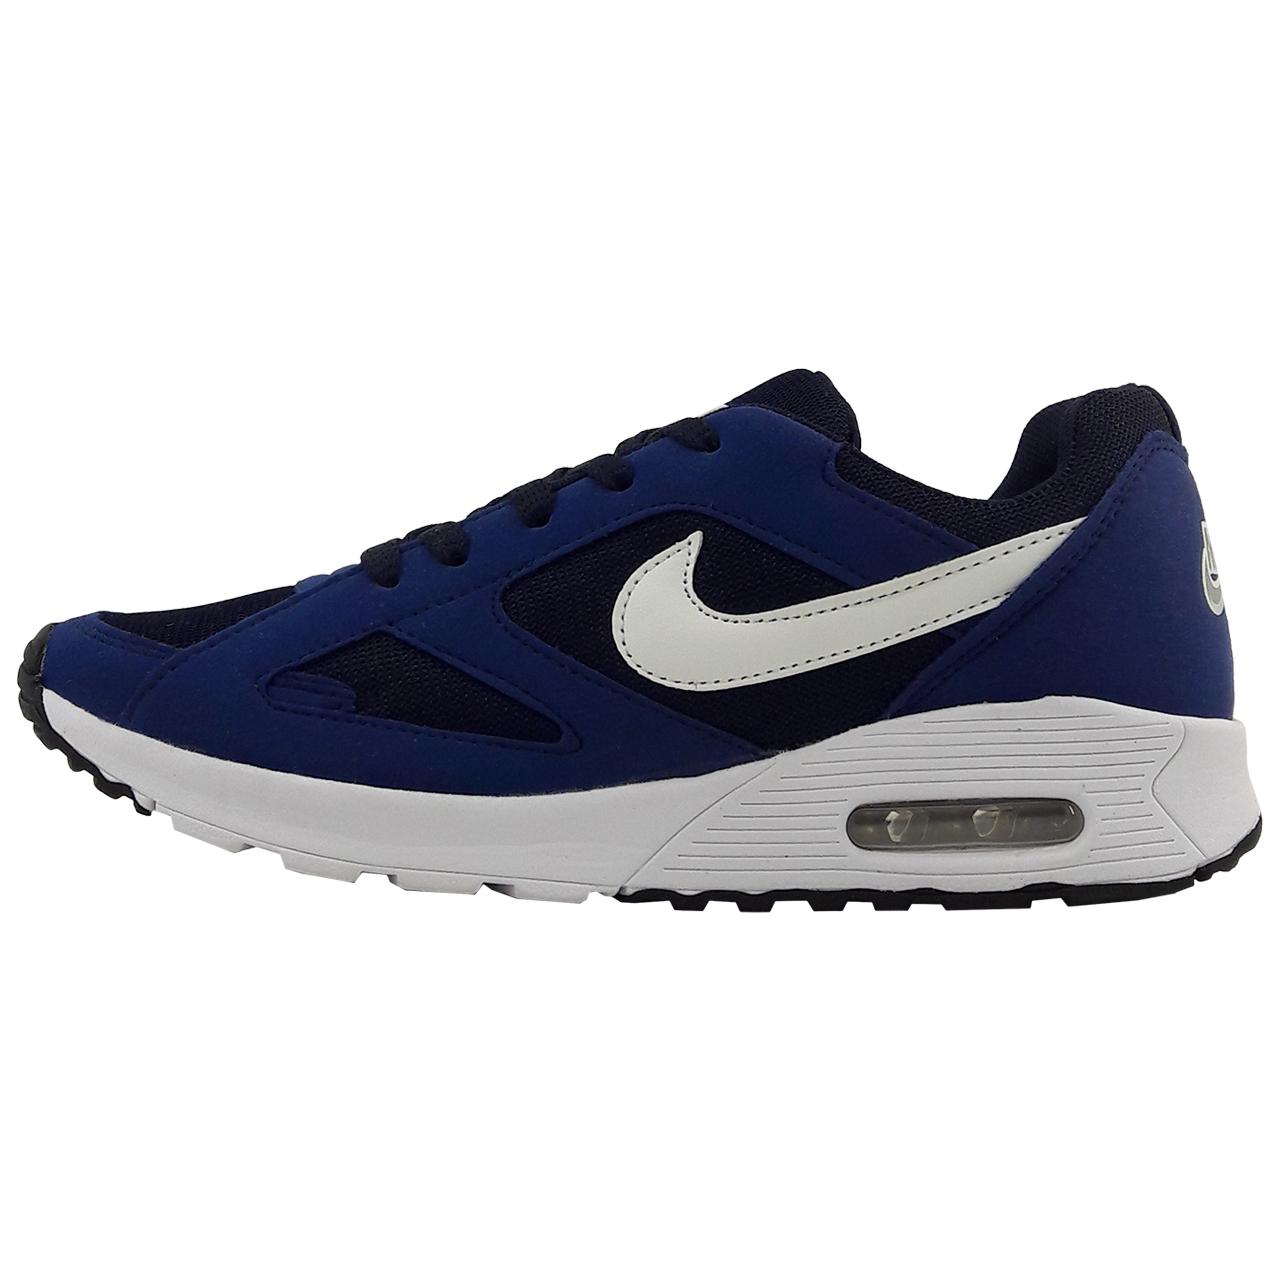 کفش مخصوص پیاده روی زنانه مدل Air max.nlp.nvy-01